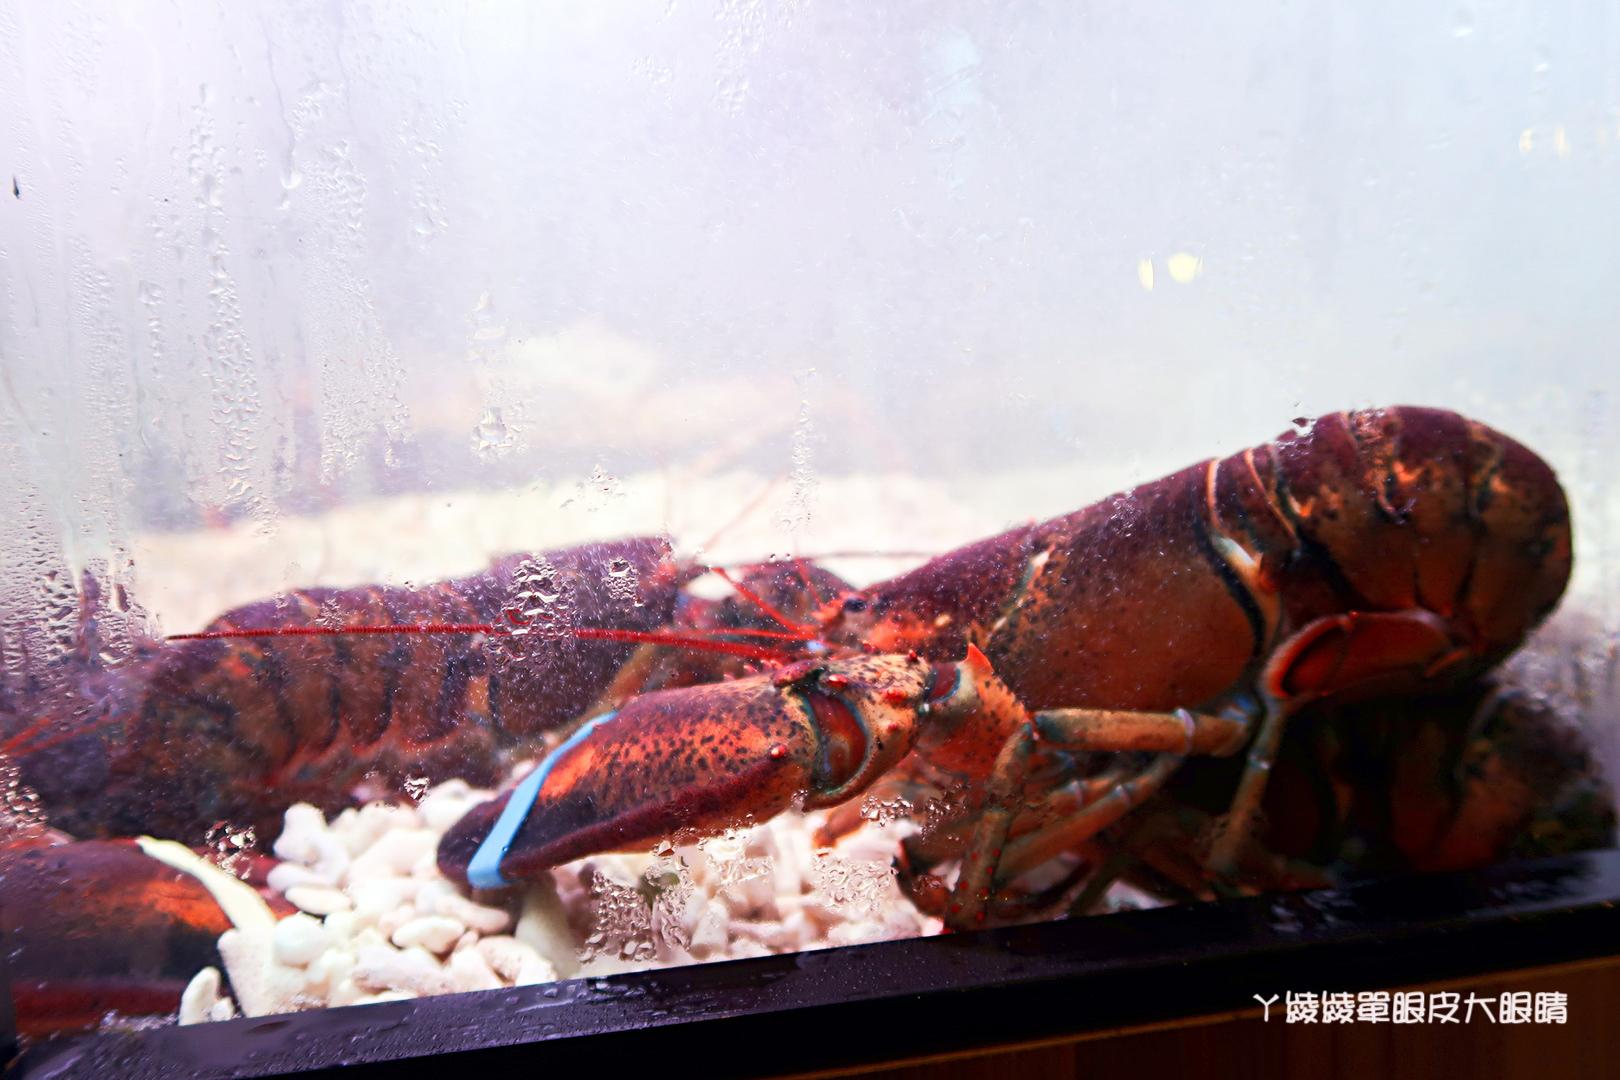 新竹火鍋推薦極鼎鮮鍋物!活跳跳的波士頓龍蝦自己撈,大肉盤吃到不要不要,巨城附近東大路新開幕火鍋